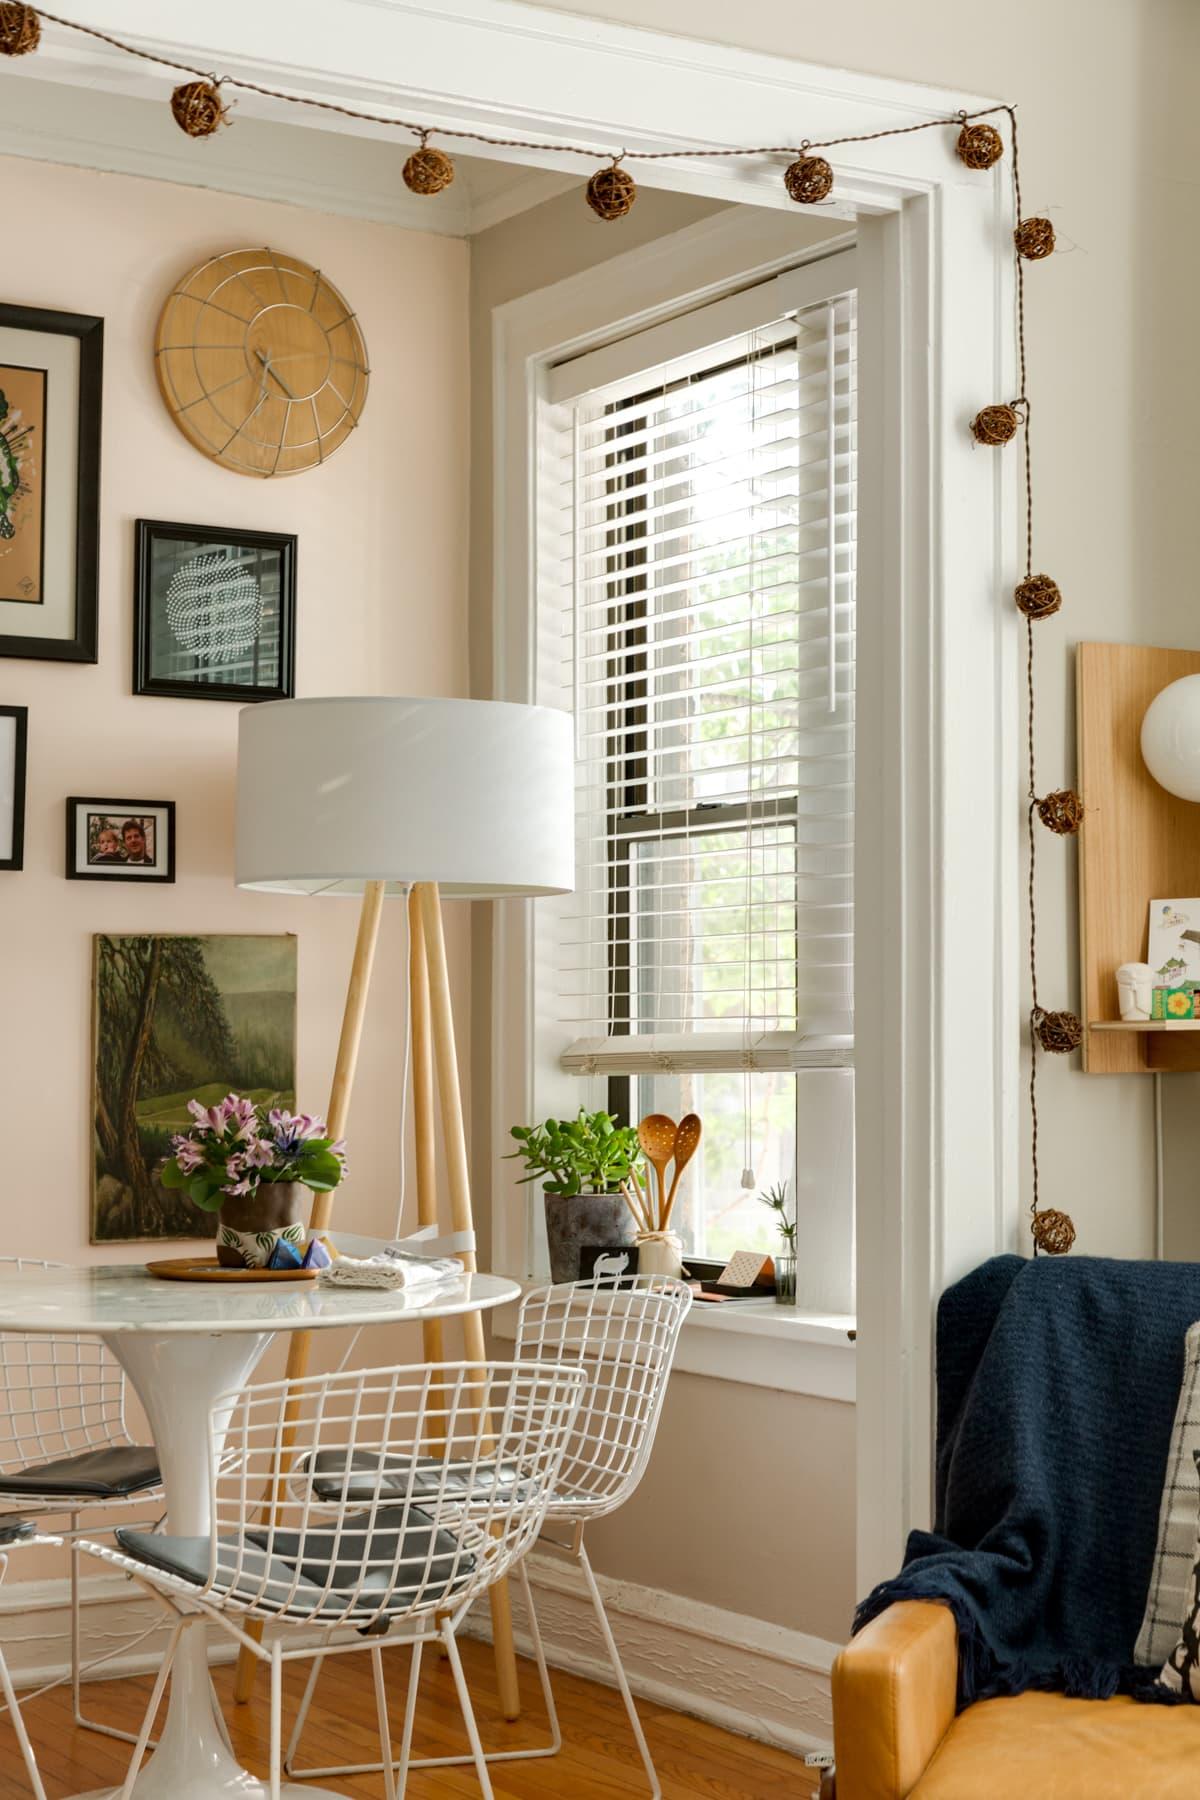 400 square foot studio apartment decor ideas apartment - 400 sq ft studio apartment ideas ...